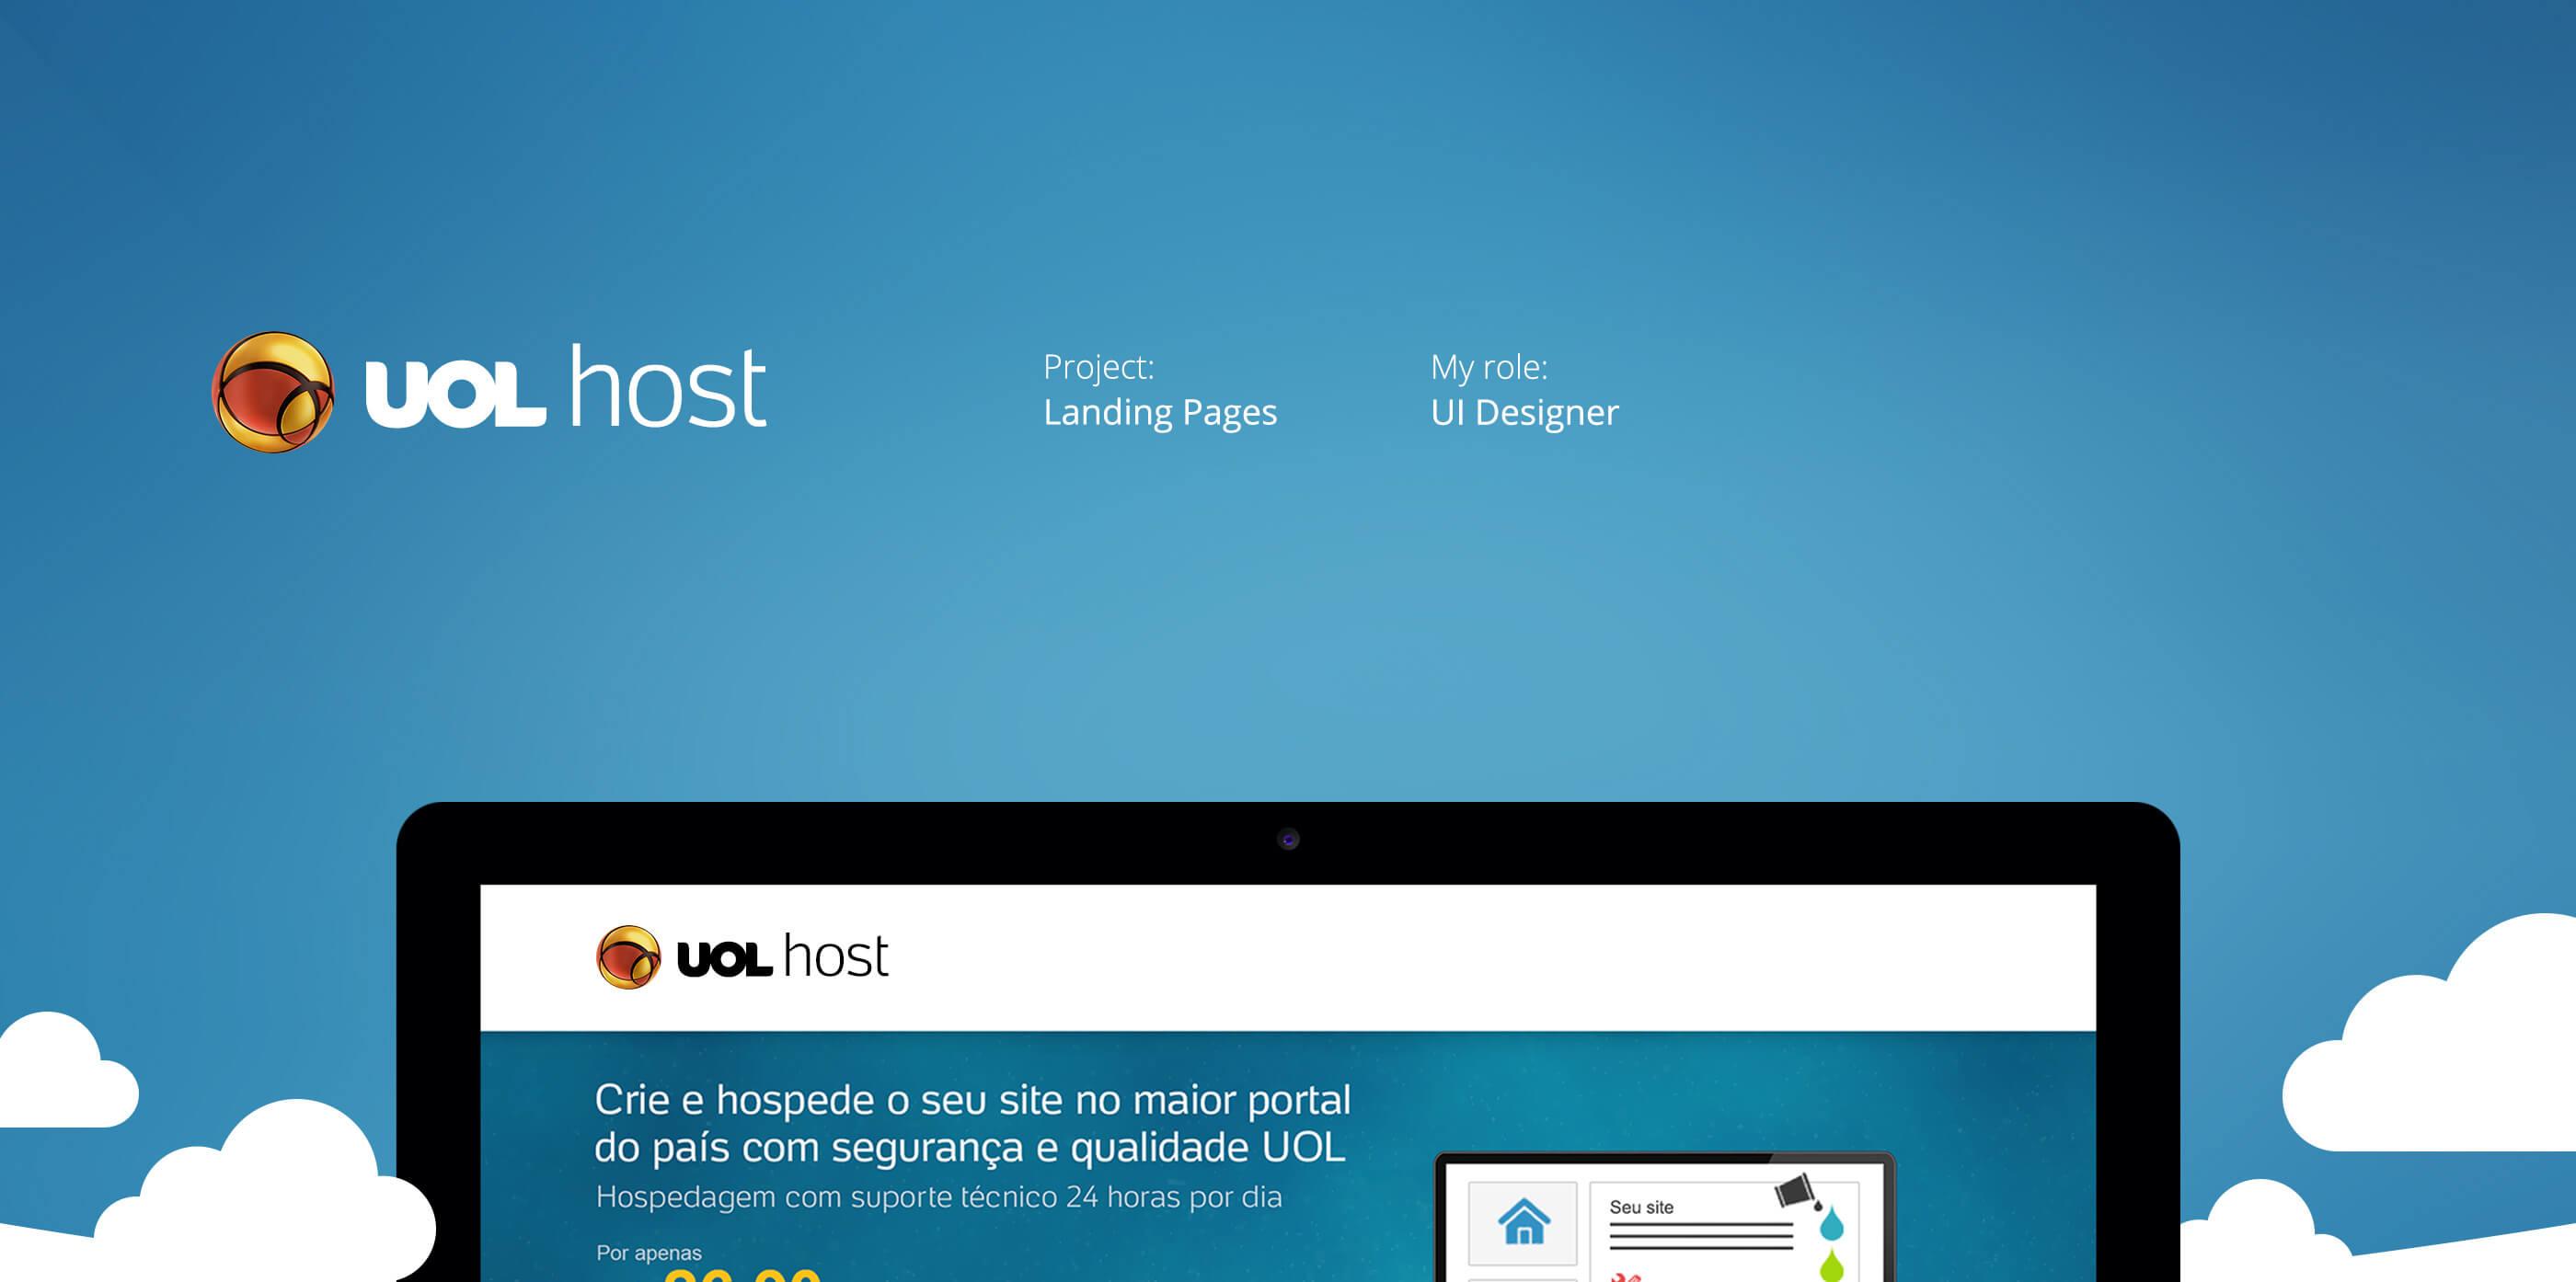 01-uol-host-header